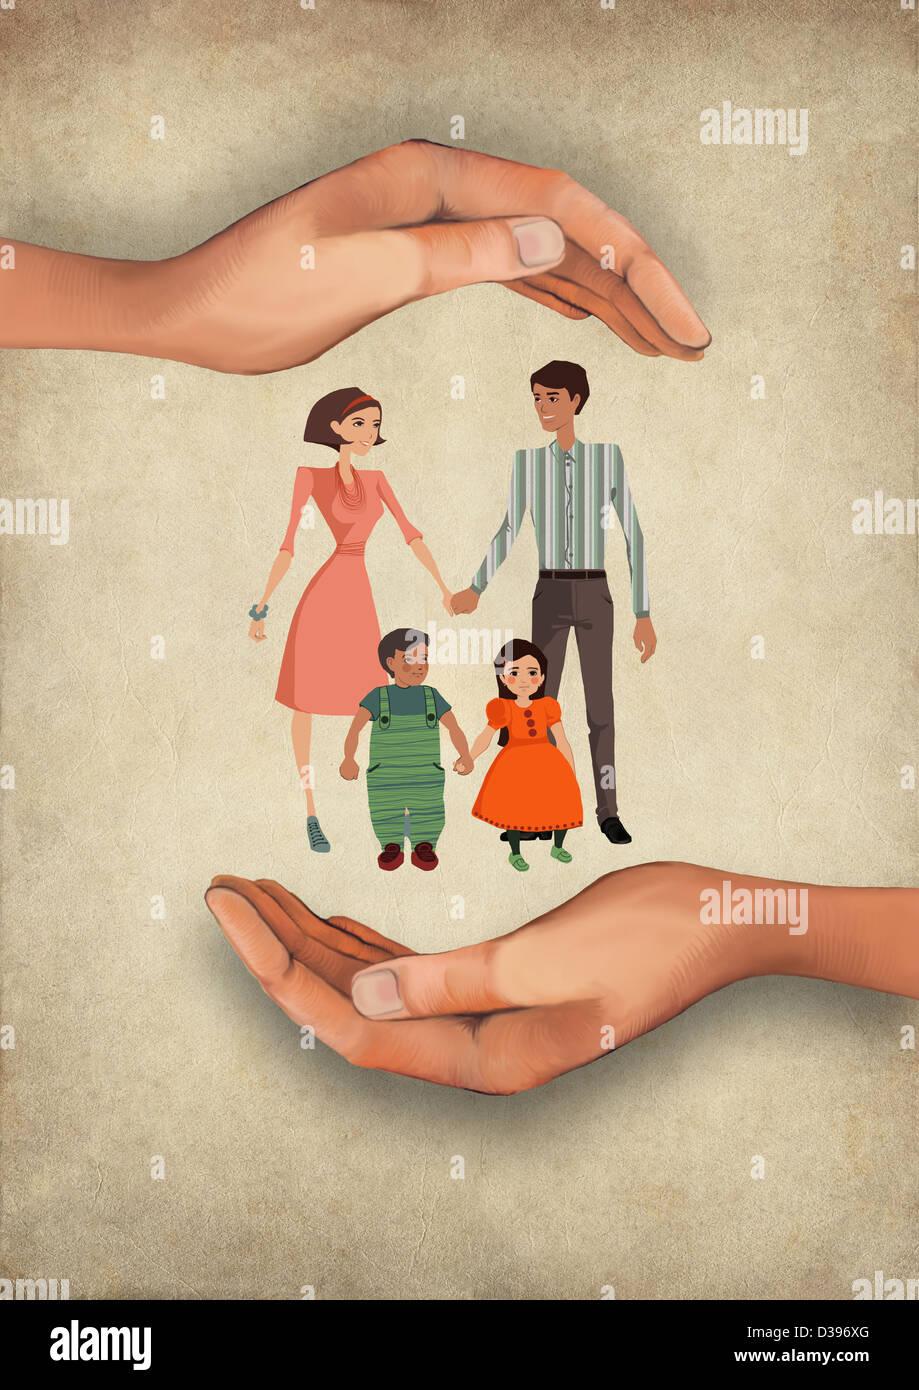 Image d'illustration de la main de l'homme représentant la famille de blindage d'avion Photo Stock